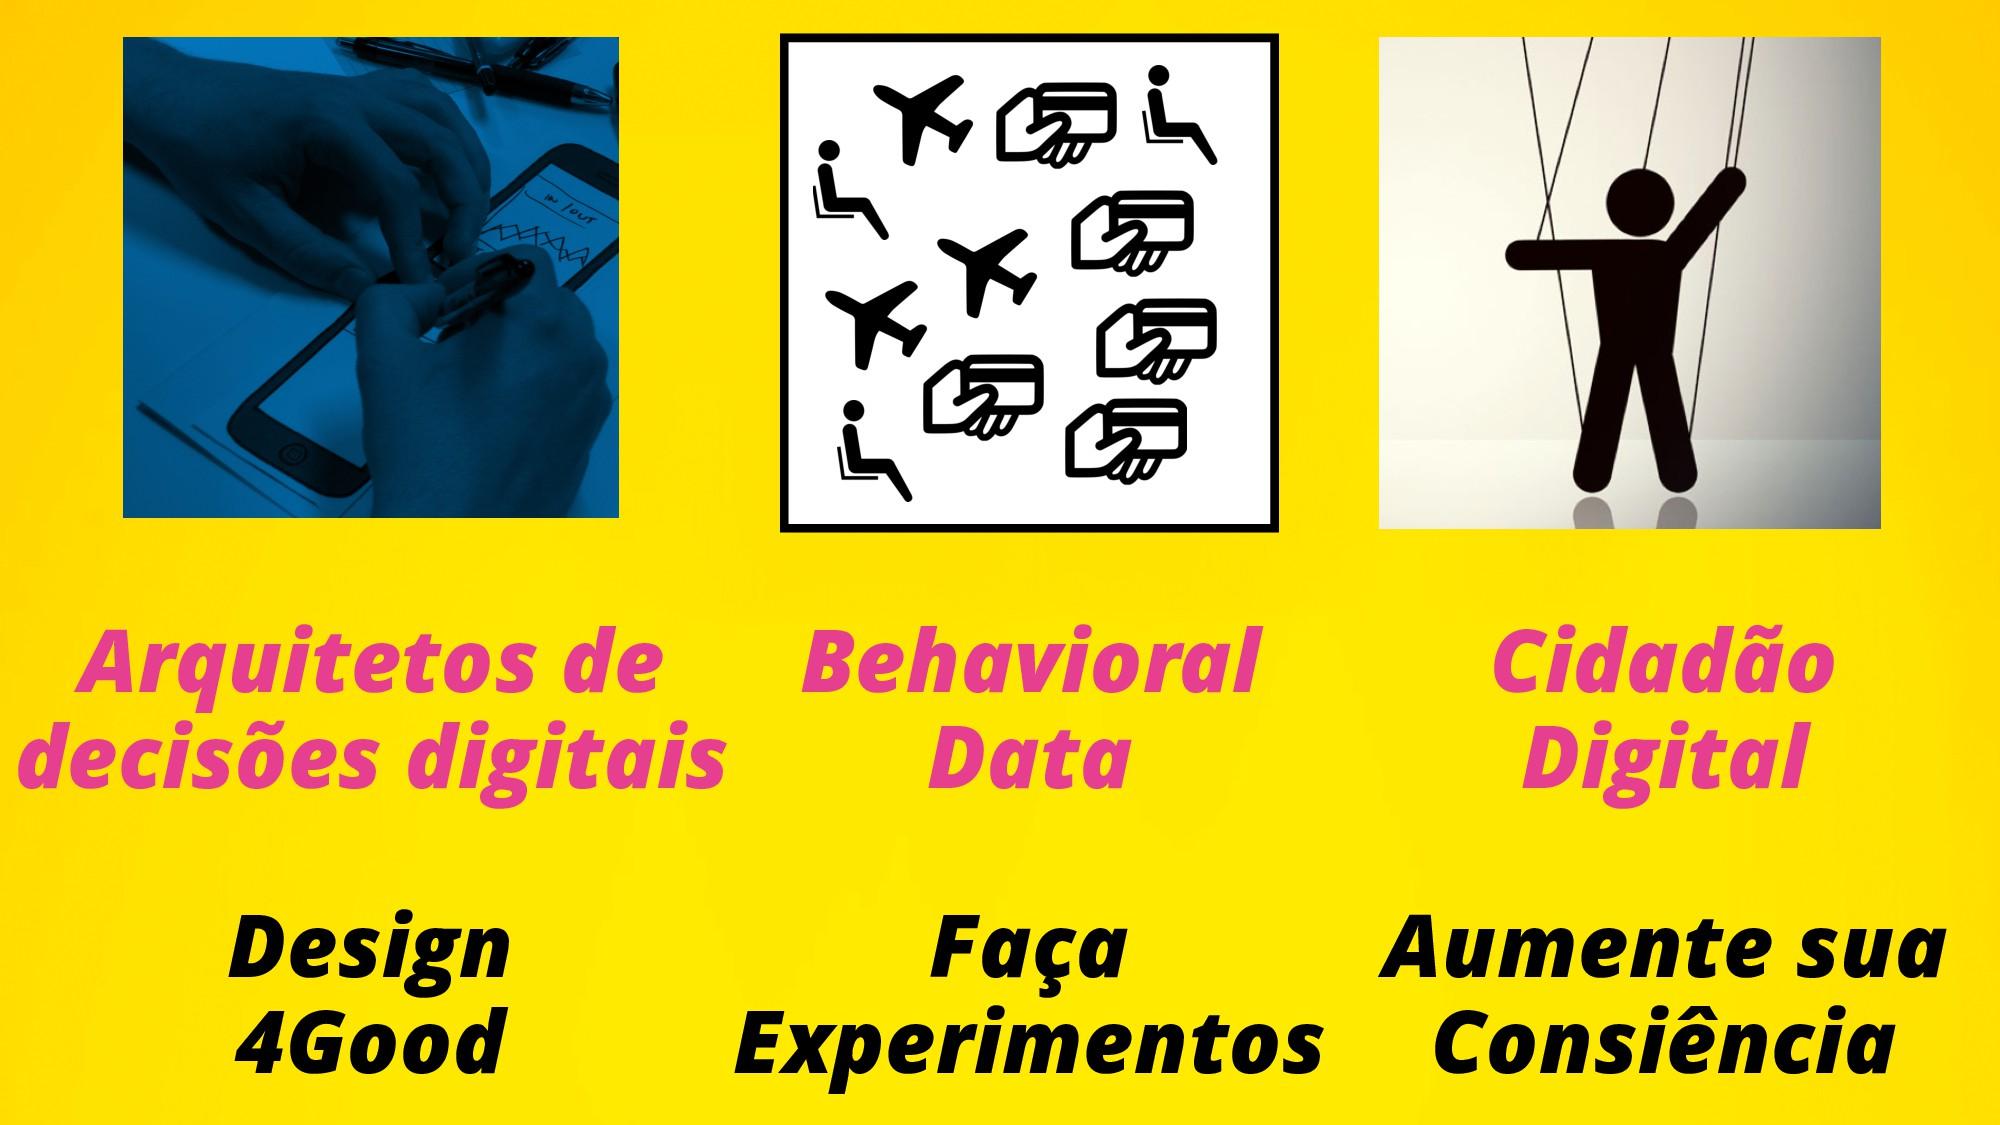 Arquitetos de decisões digitais Design 4Good B...